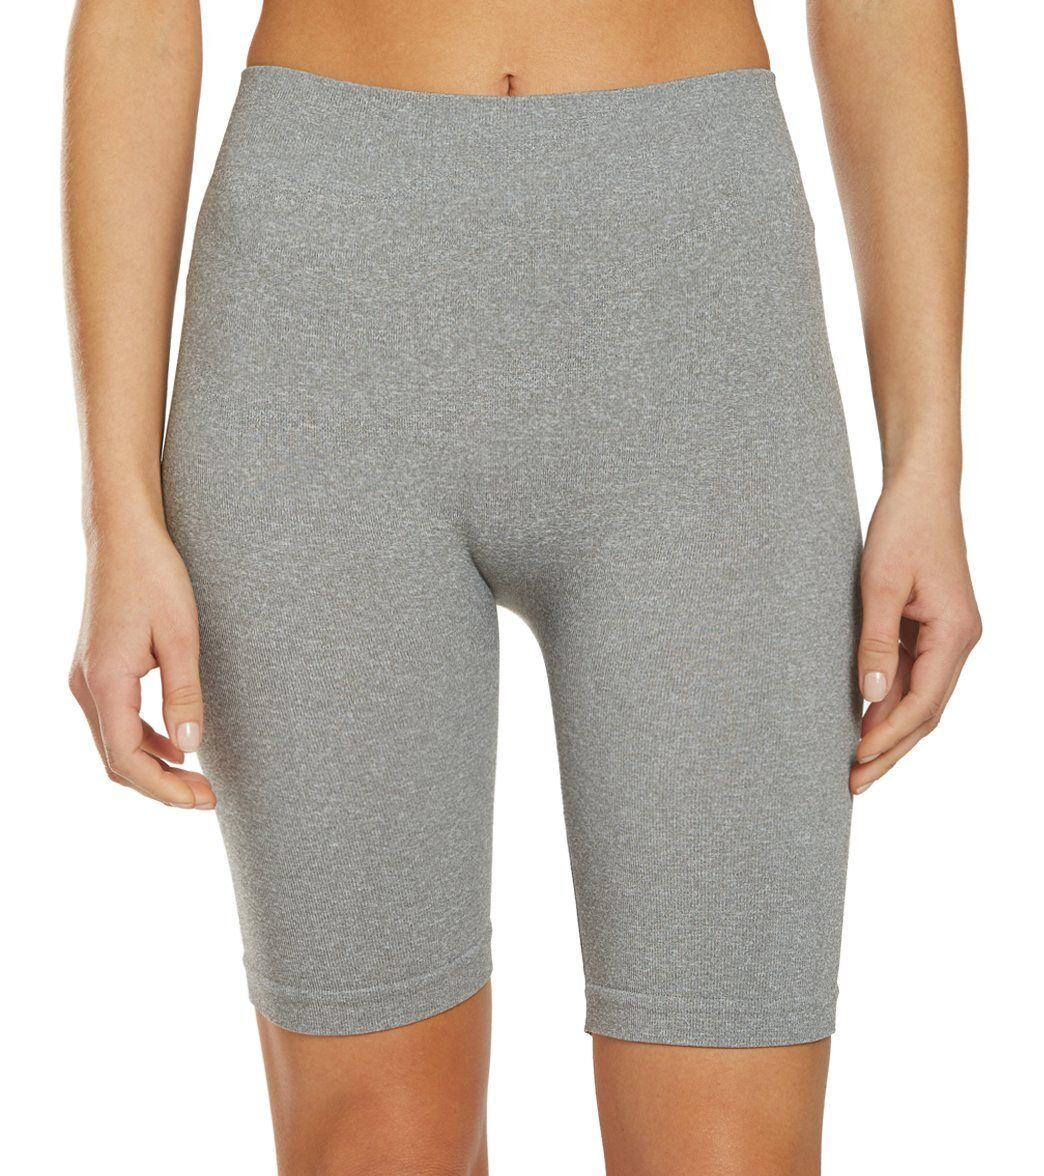 Free People Women's Seamless Bike Shorts - Grey - Medium/Large Spandex